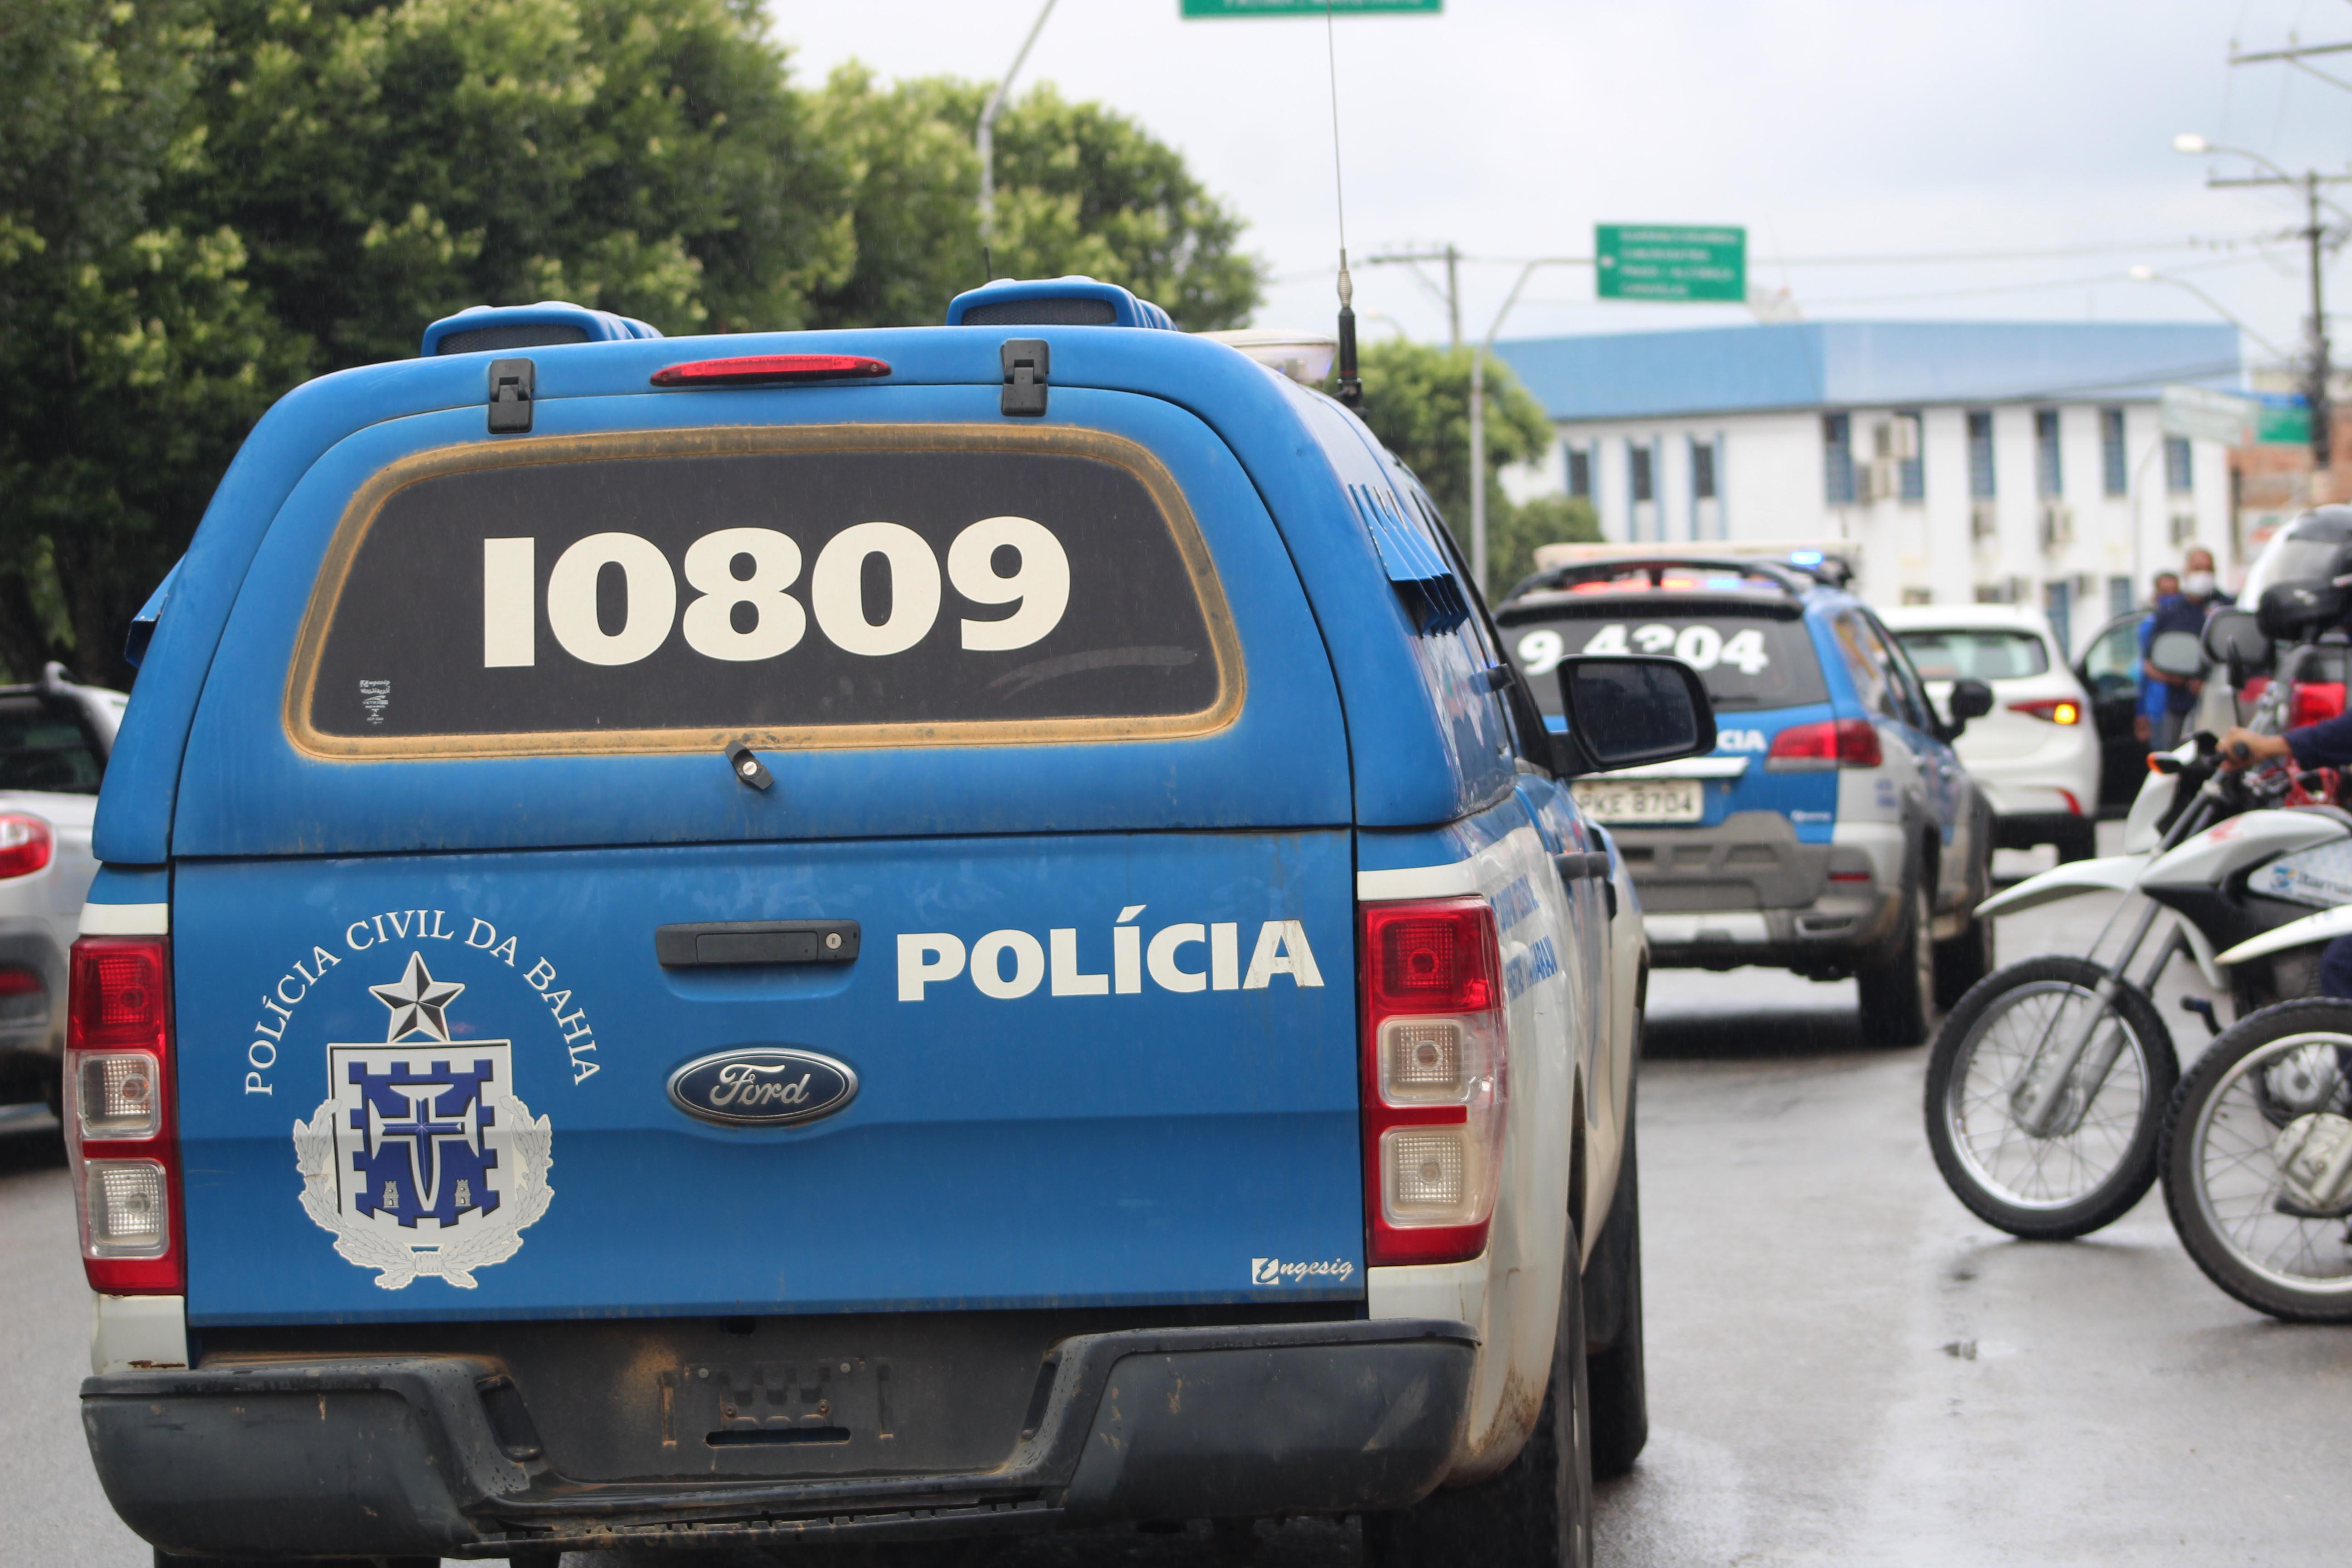 Forças de segurança atuam em cumprimento do decreto e realizam fiscalizações a veículos e comércio